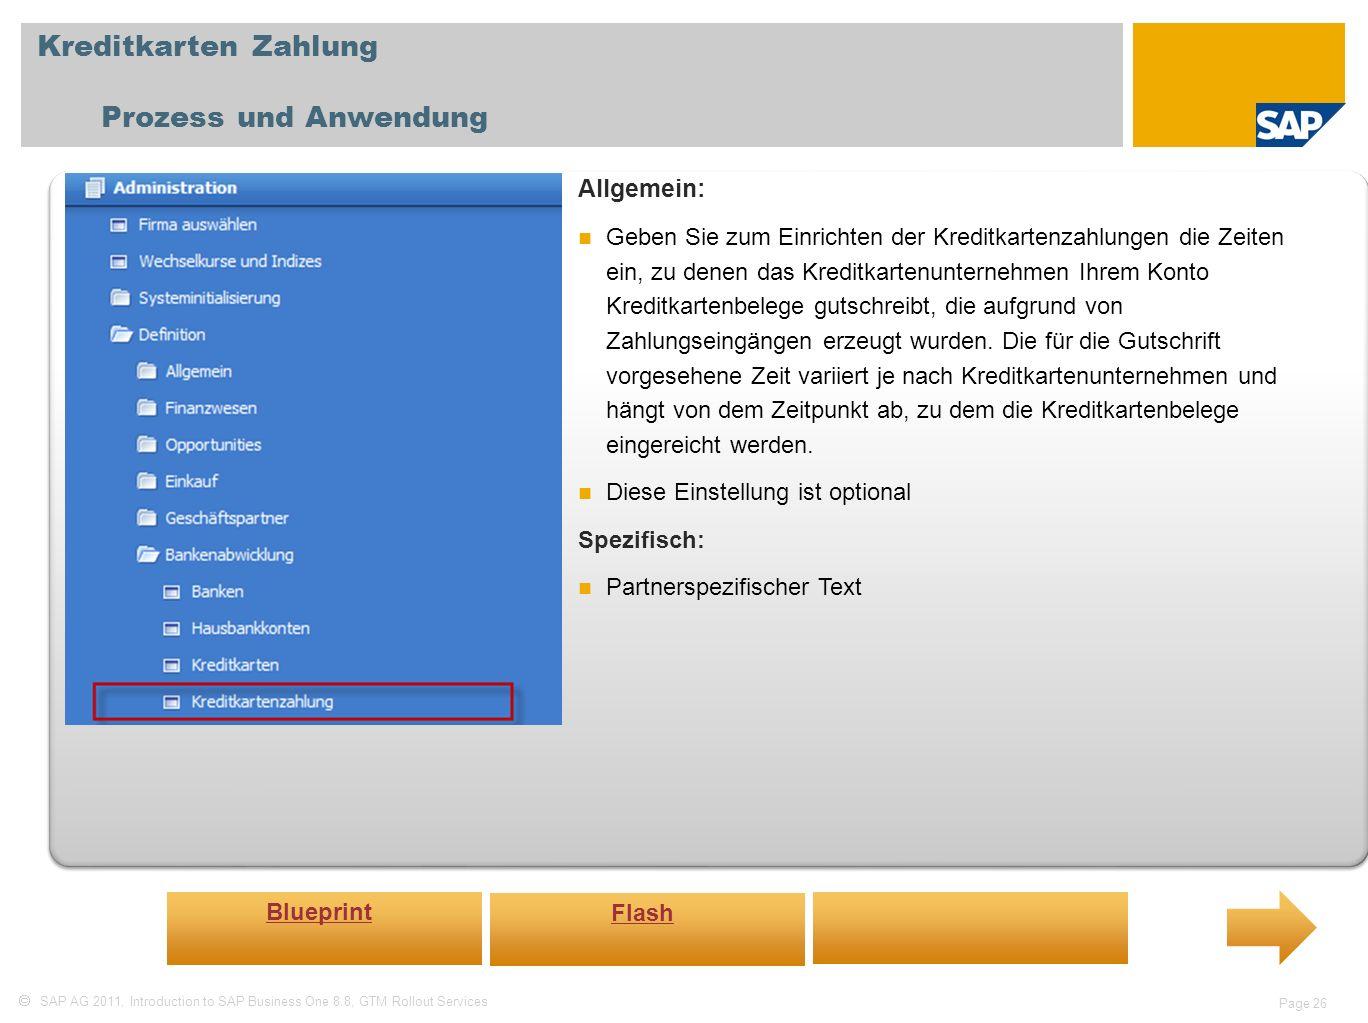 SAP AG 2011, Introduction to SAP Business One 8.8, GTM Rollout Services Page 26 Kreditkarten Zahlung Prozess und Anwendung Allgemein: Geben Sie zum Ei